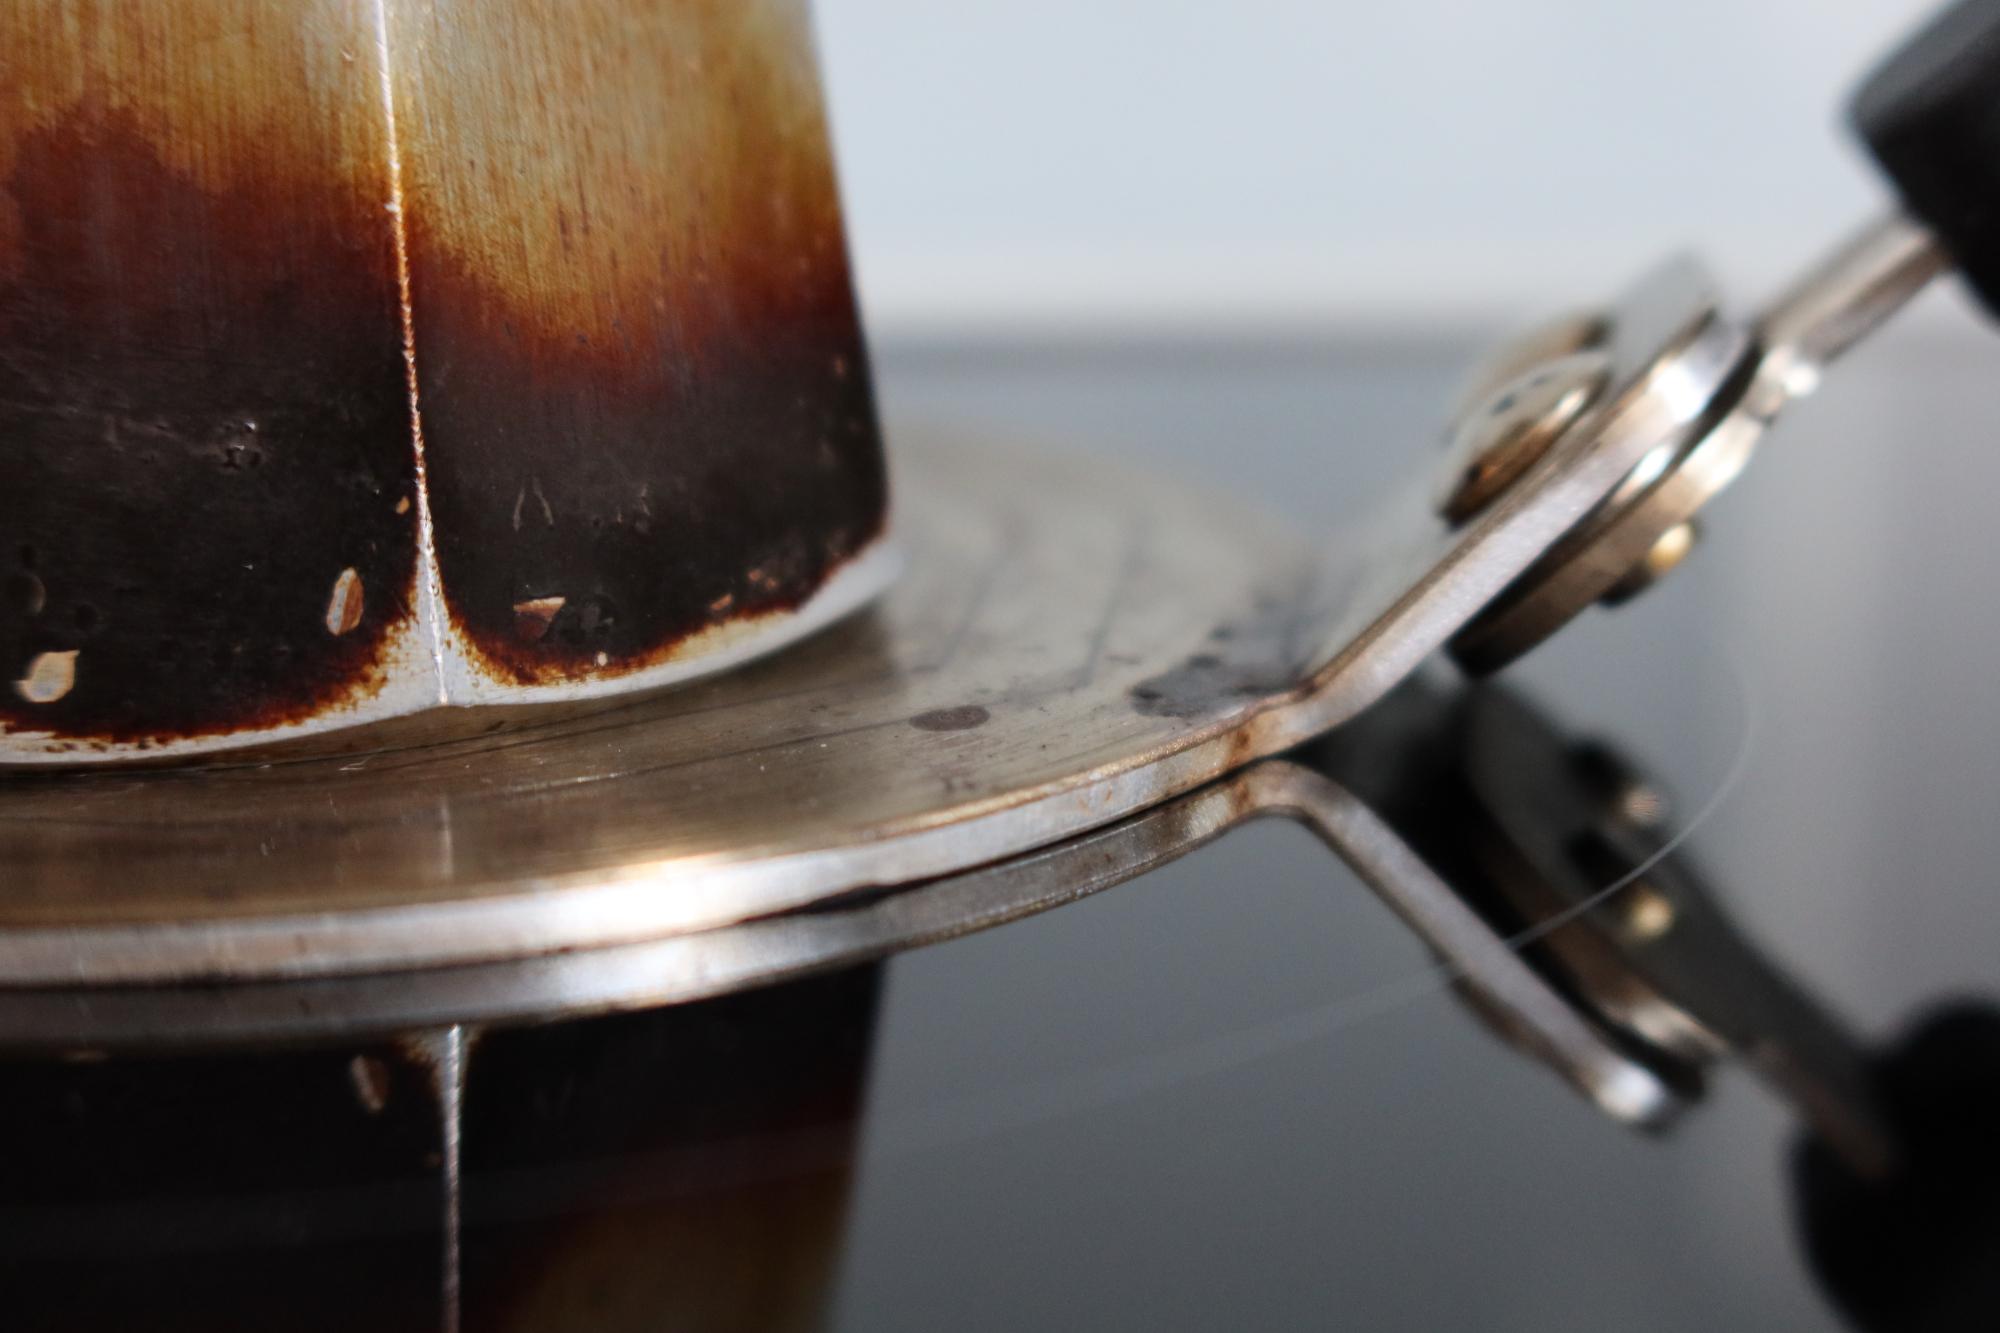 Espressokocher auf einer Adapterplatte für den Induktionsherd